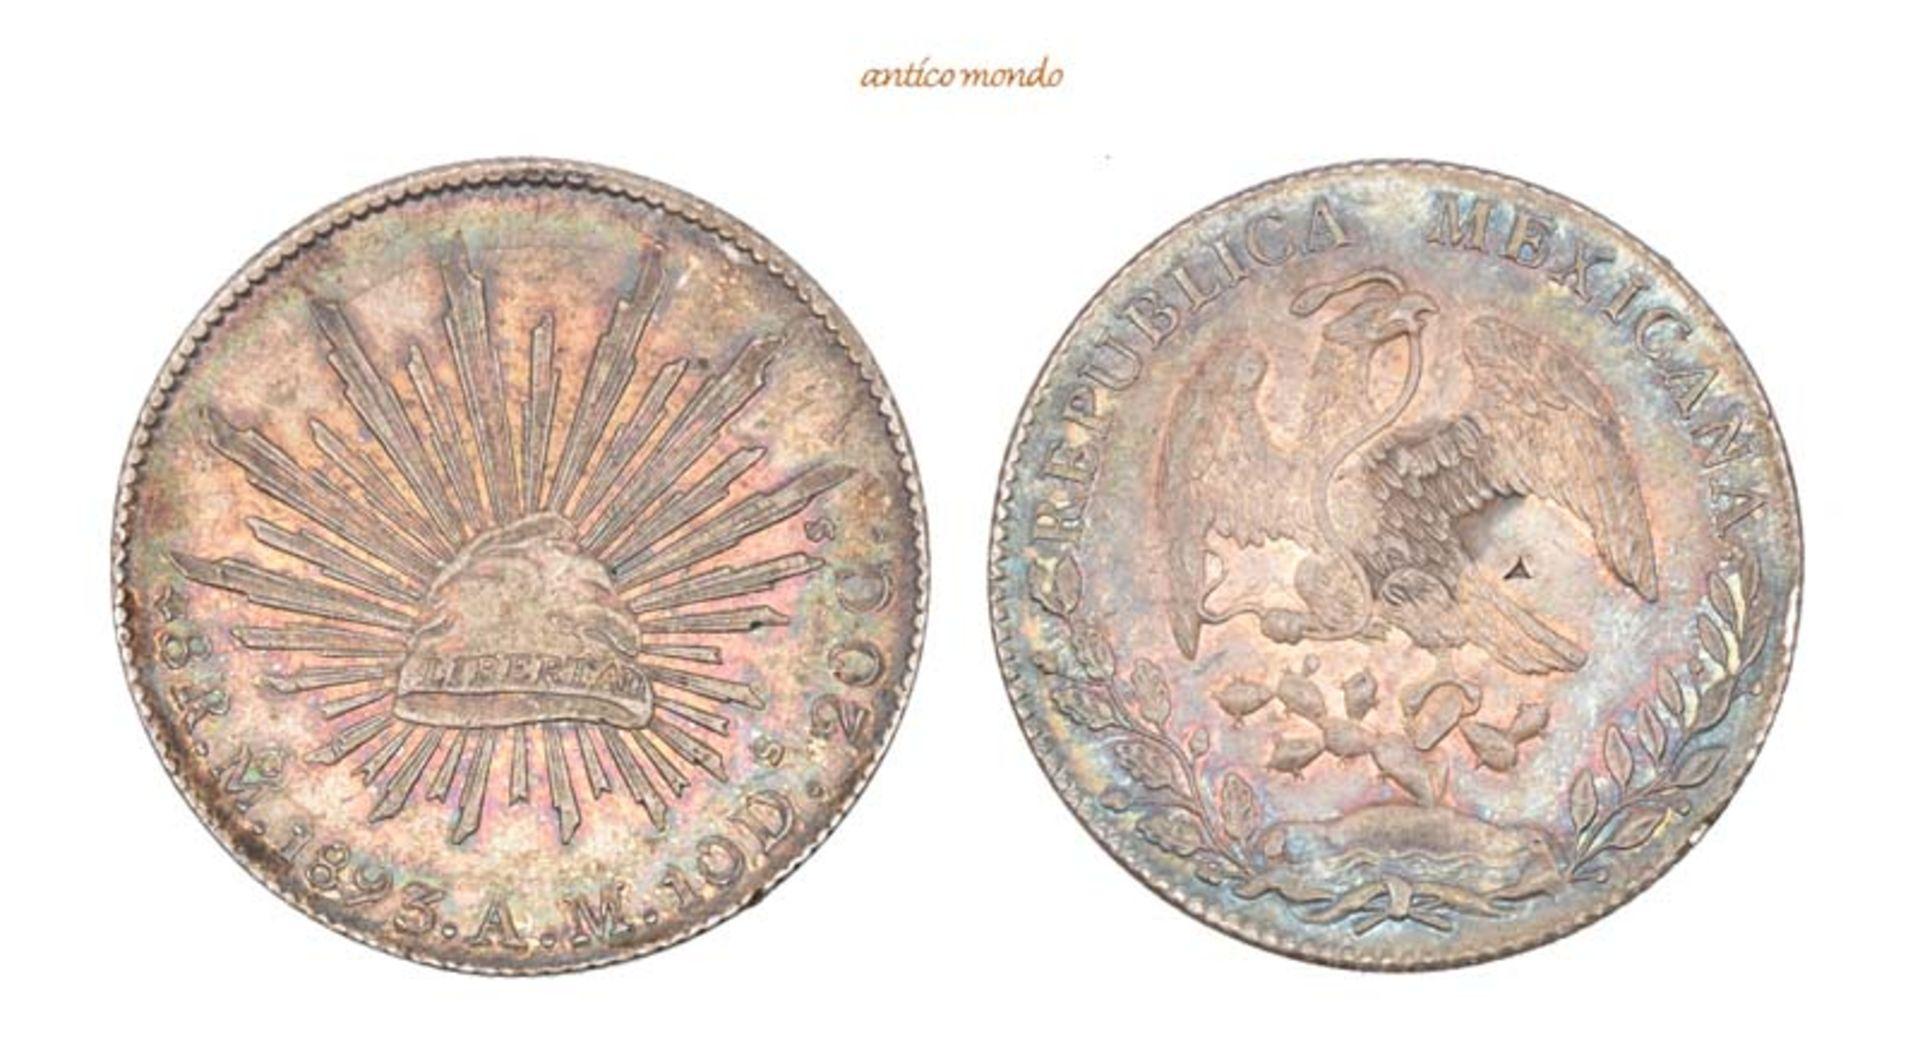 Mexiko, Republik, 8 Reales, 1893, hübsche Patina, winz. Punze, vorzüglich, 27,00 g- - -21.50 %